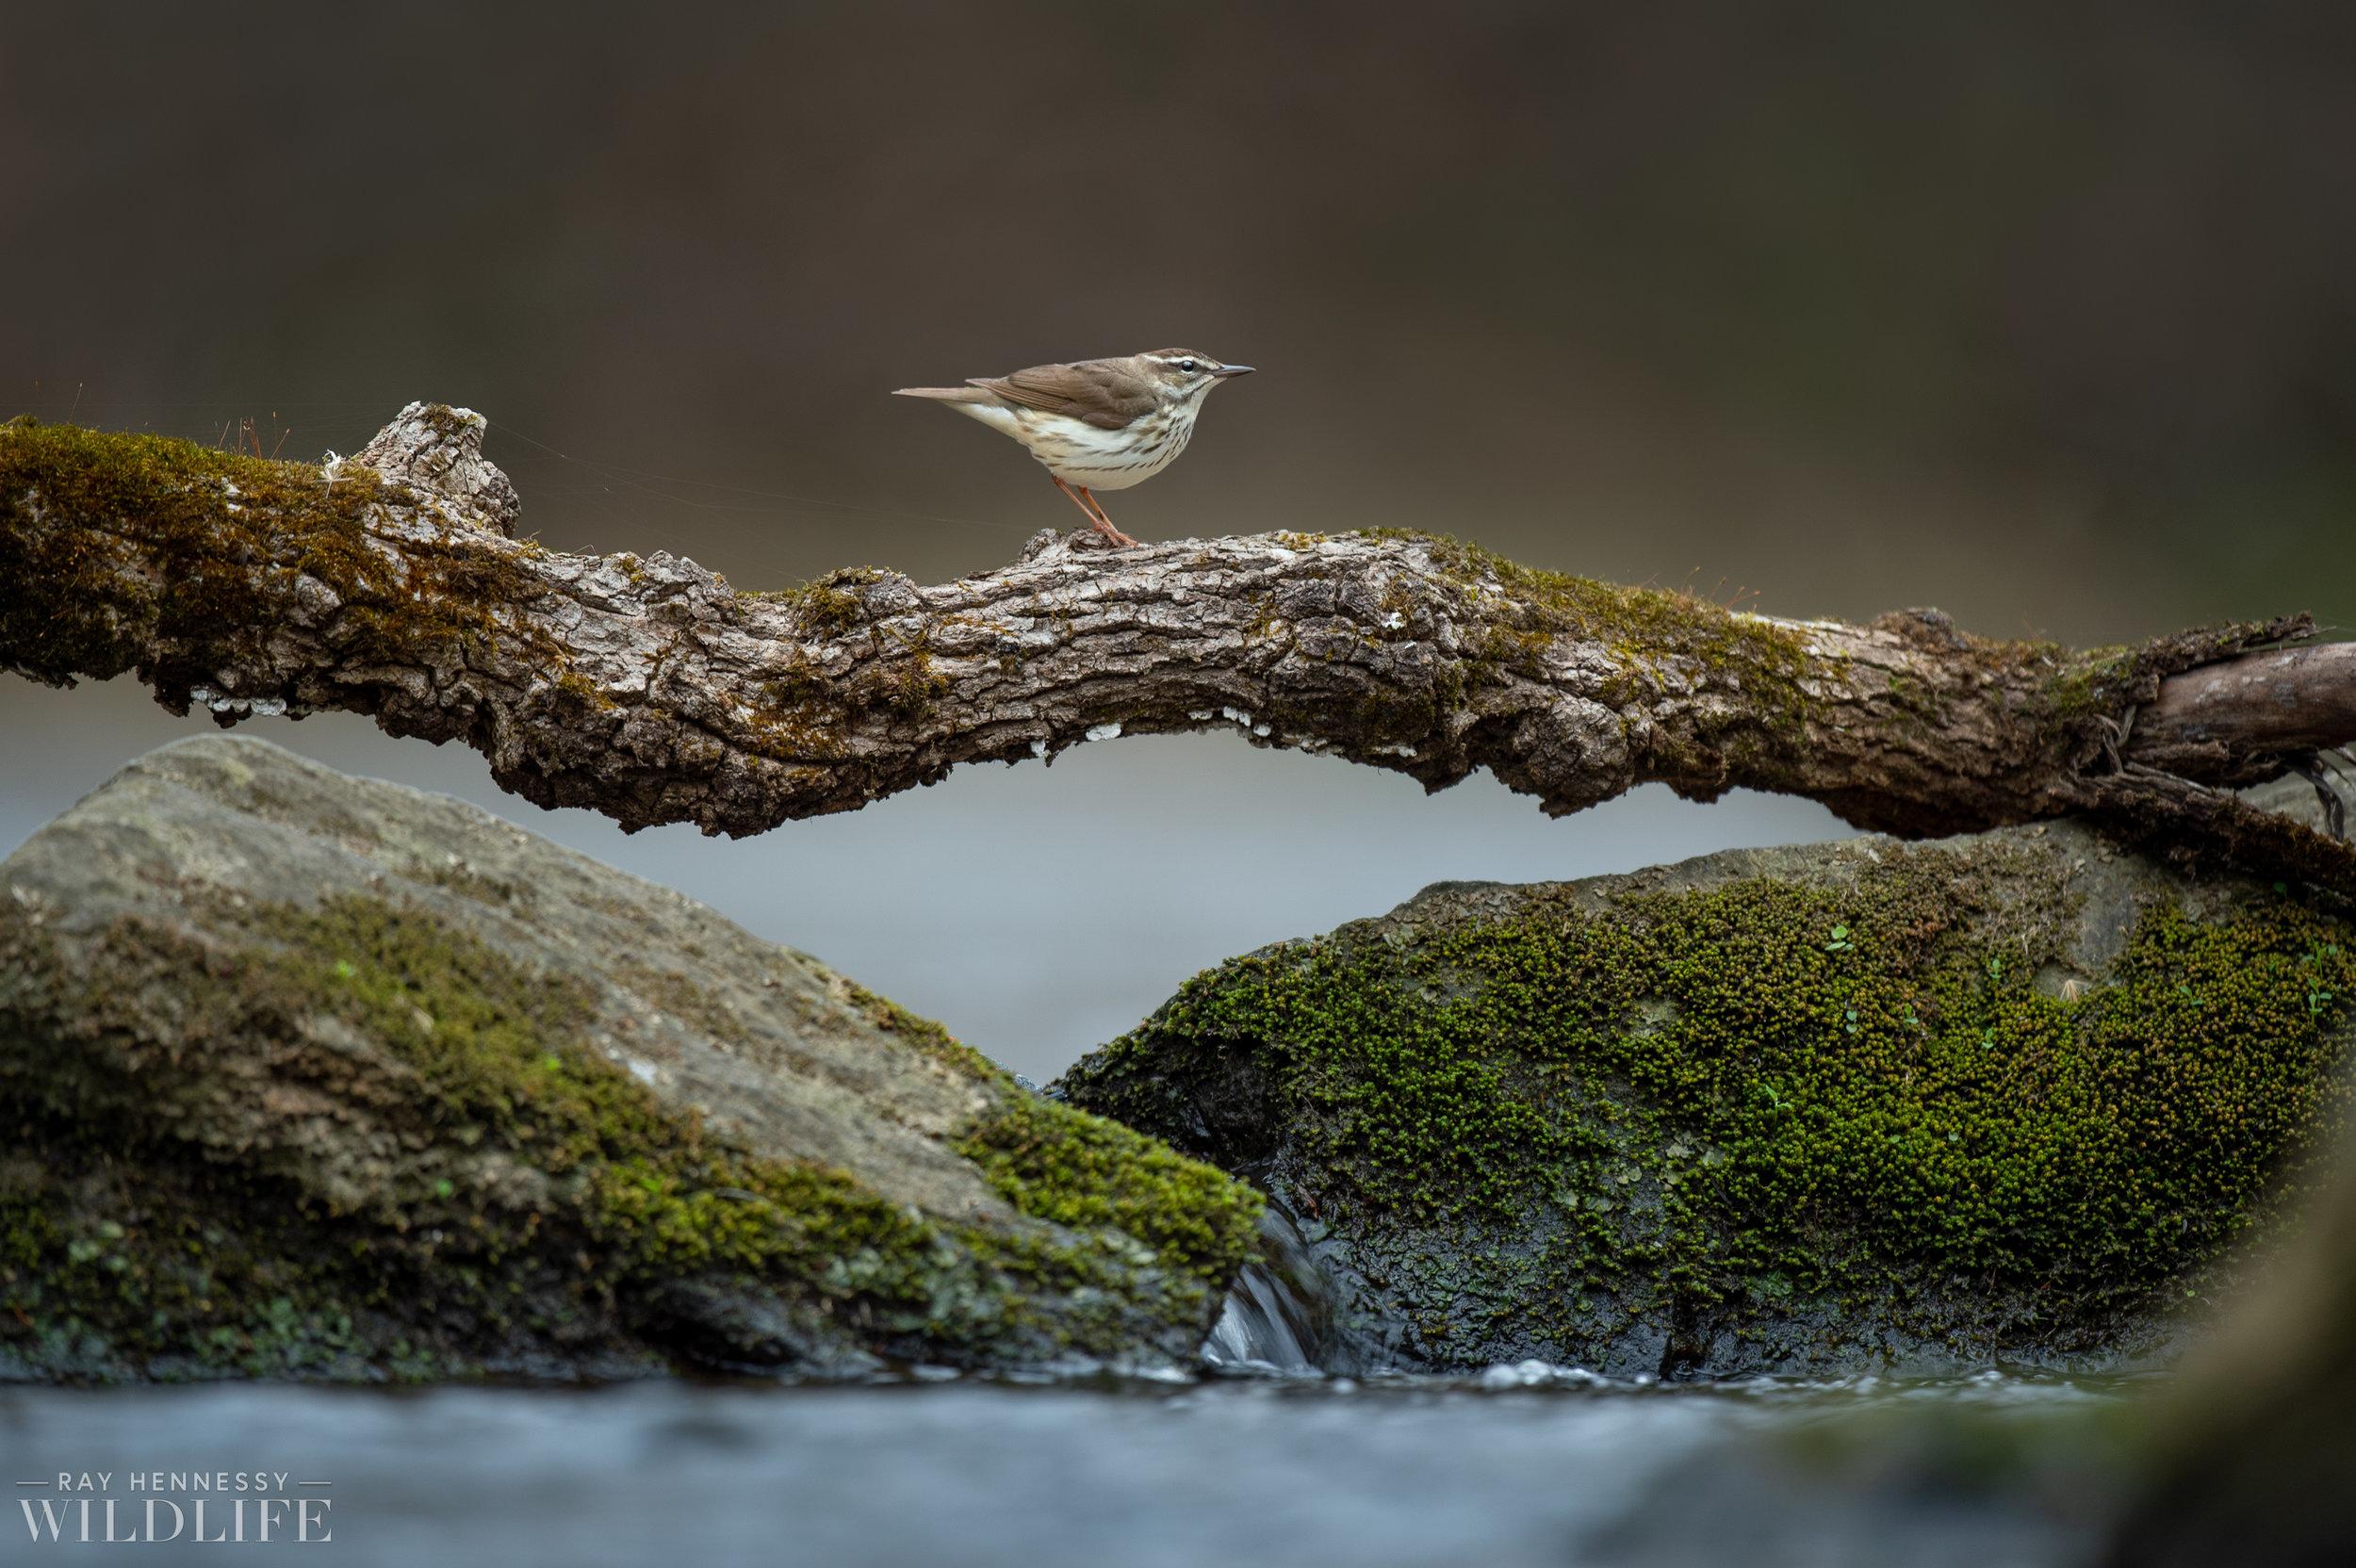 004_louisiana-waterthrush.jpg